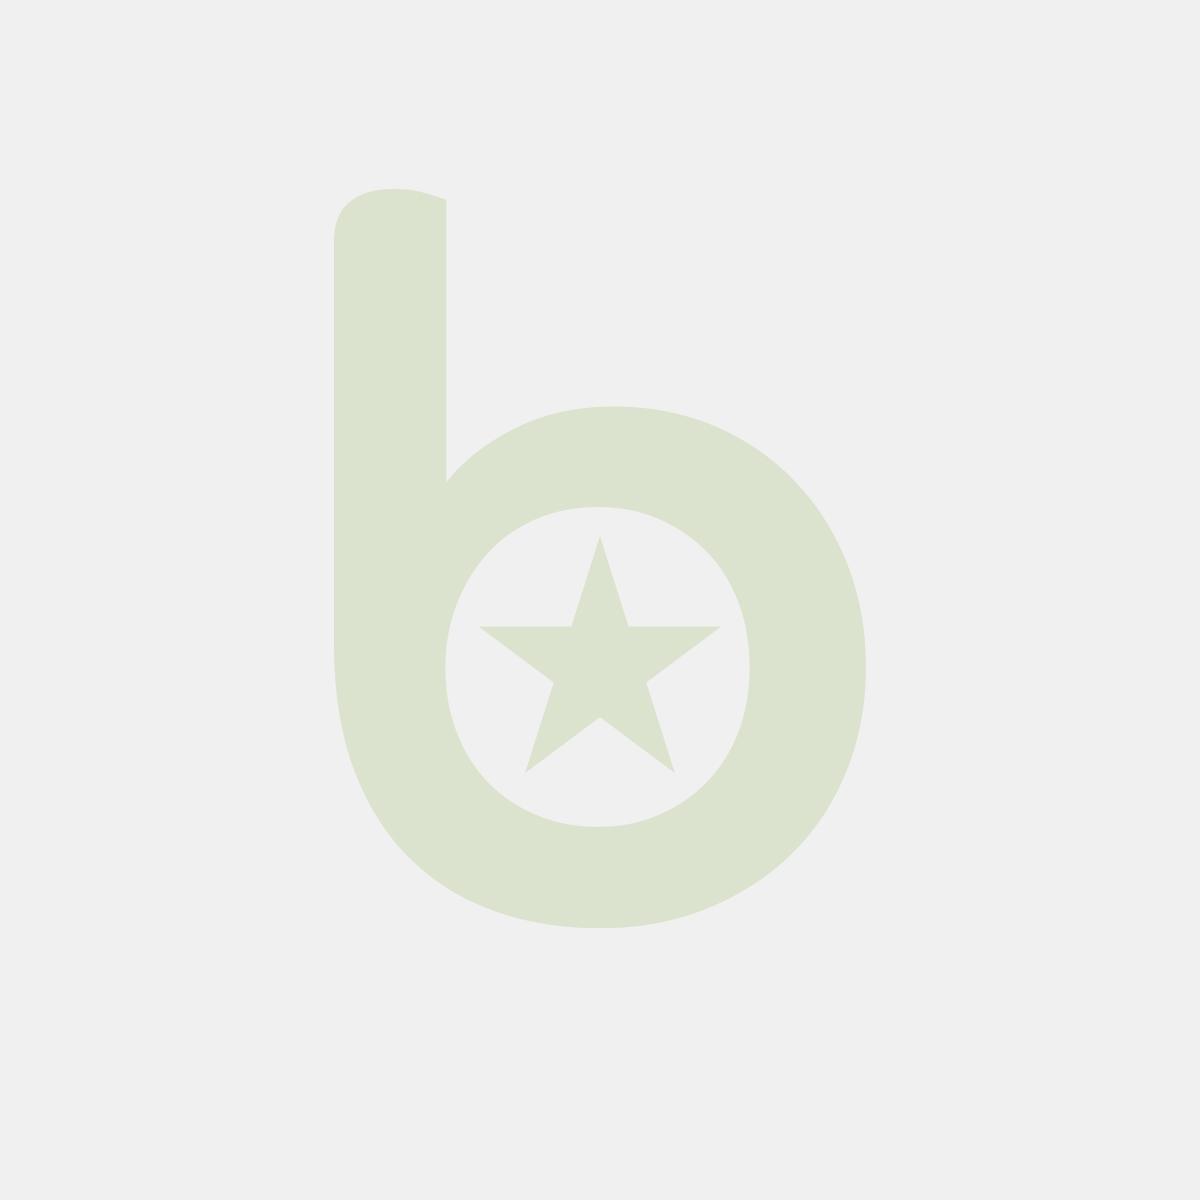 Bloczek samoprzylepny POST-IT® Super Sticky (622-12SSCY-EU), 46,7x46,7 mm, 12x90 kart., żółty